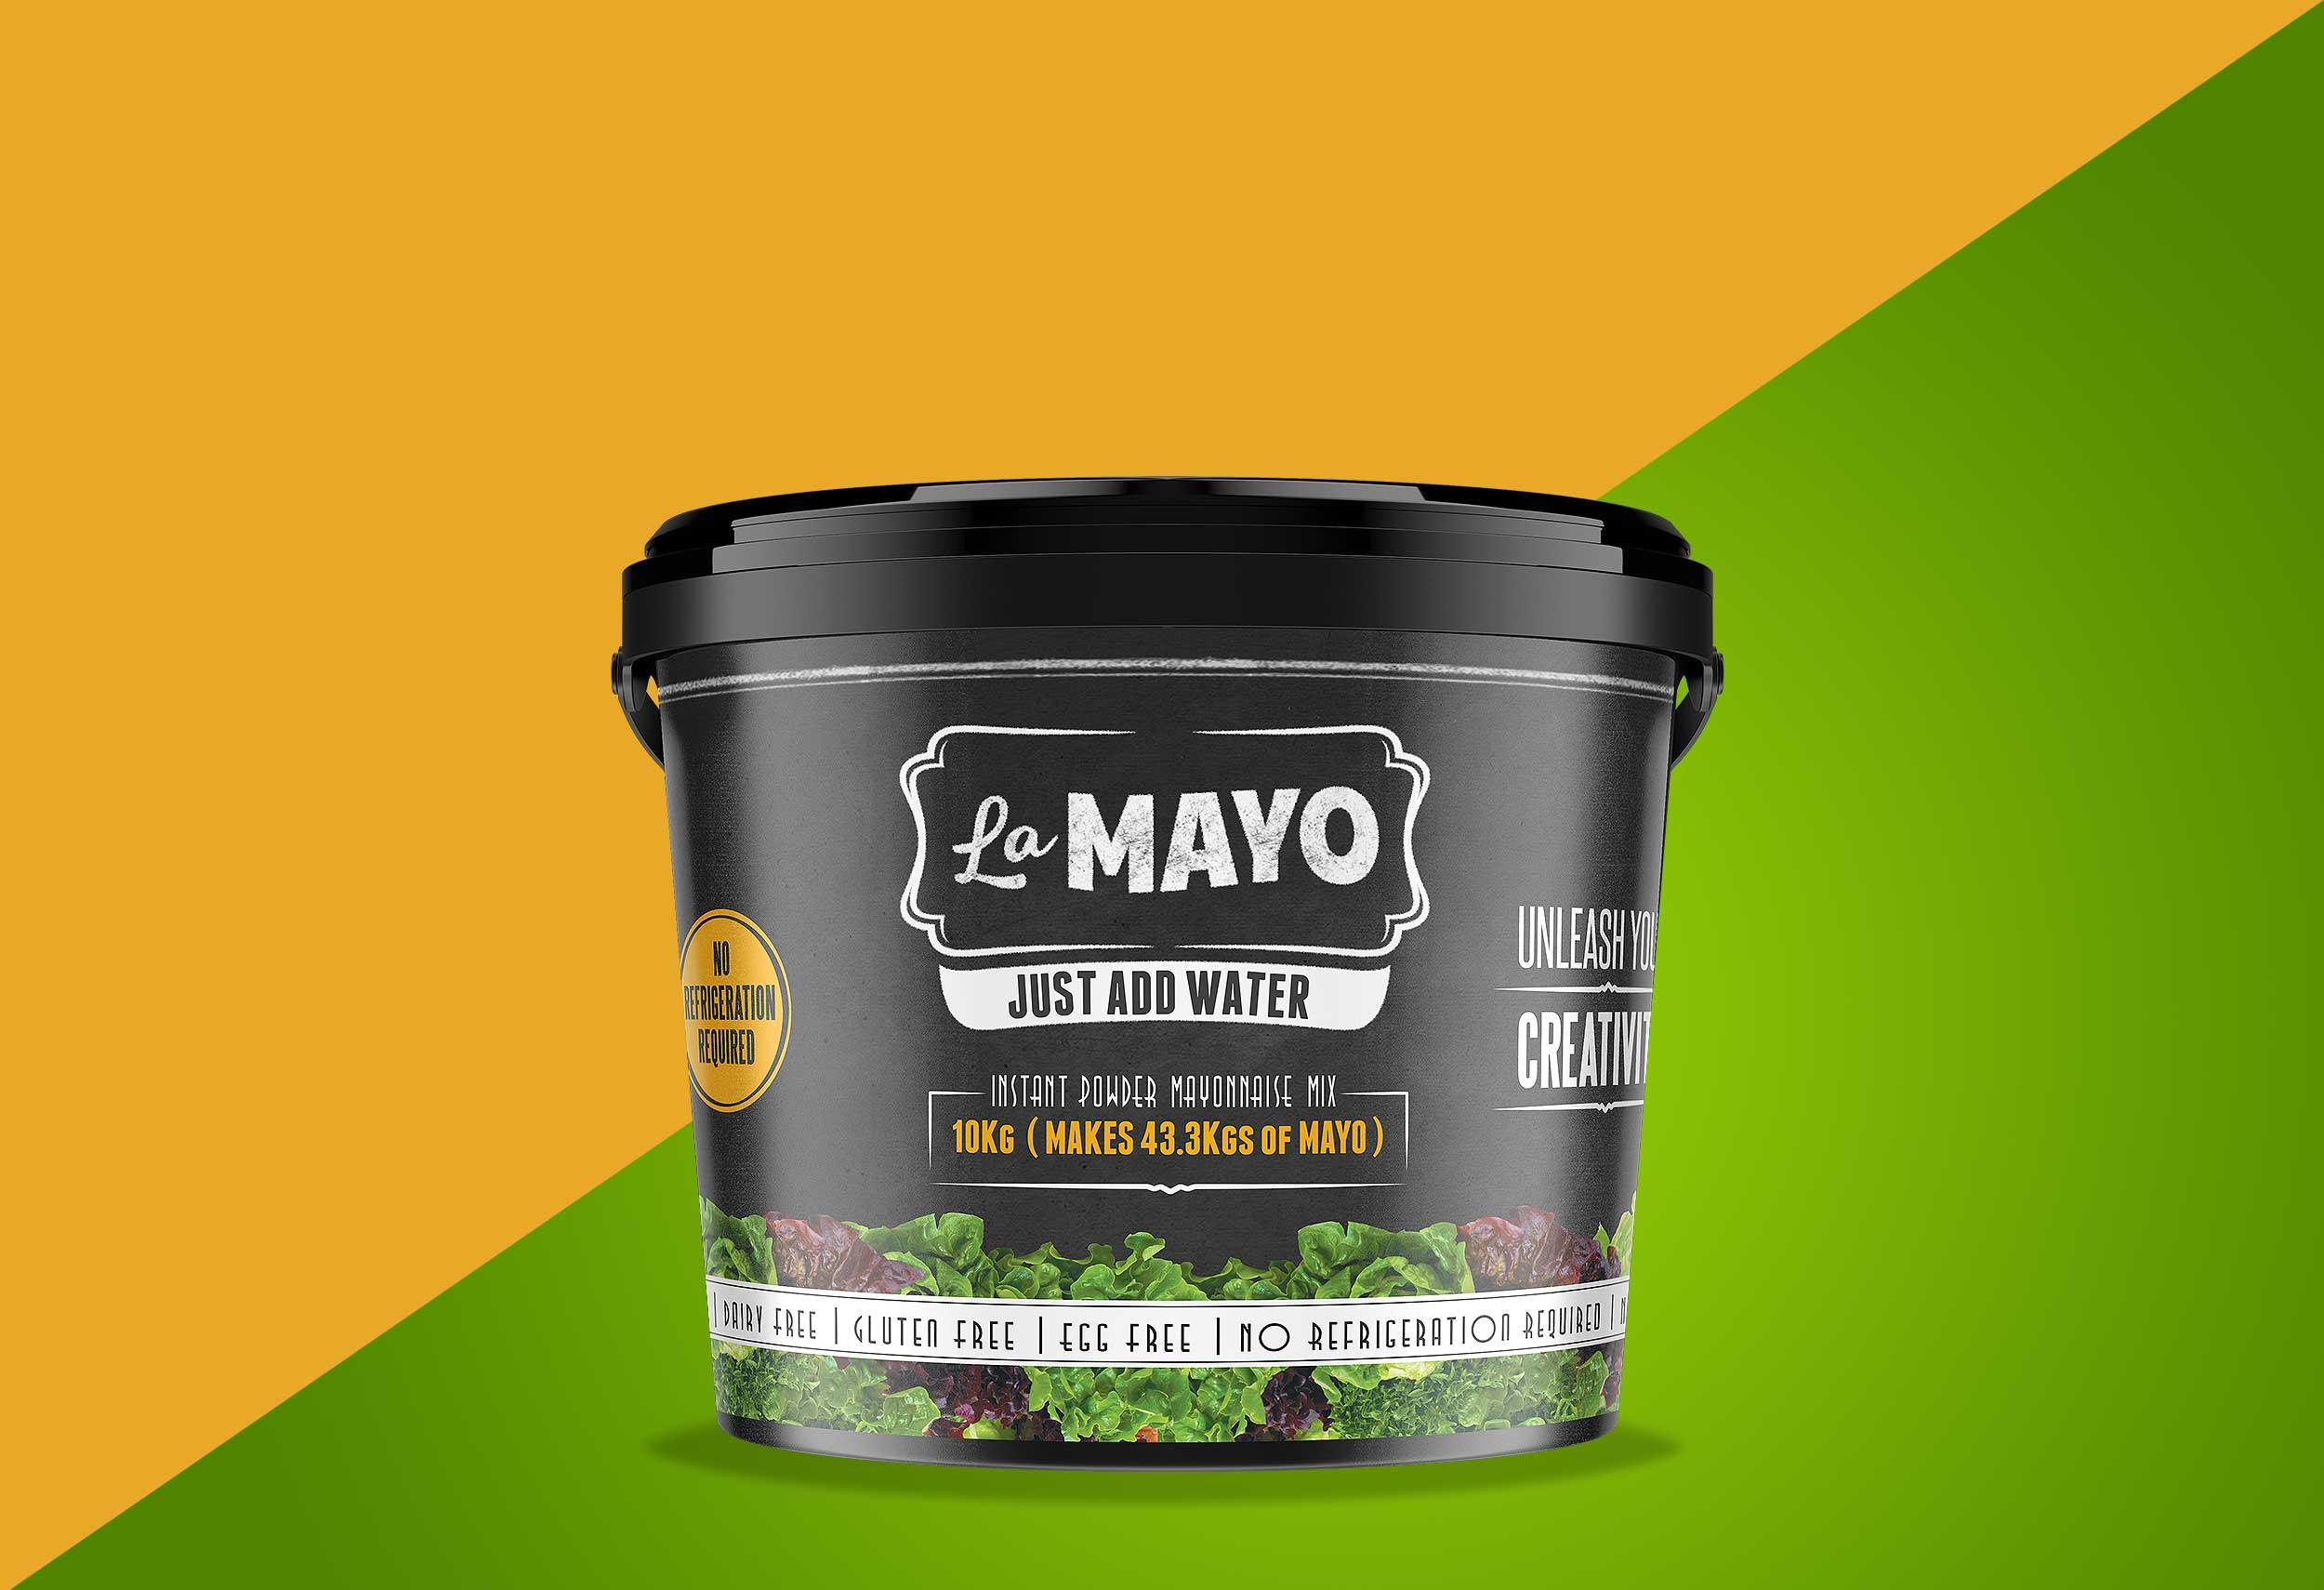 Handle-Branding_La-Mayo_Packaging_02.jpg